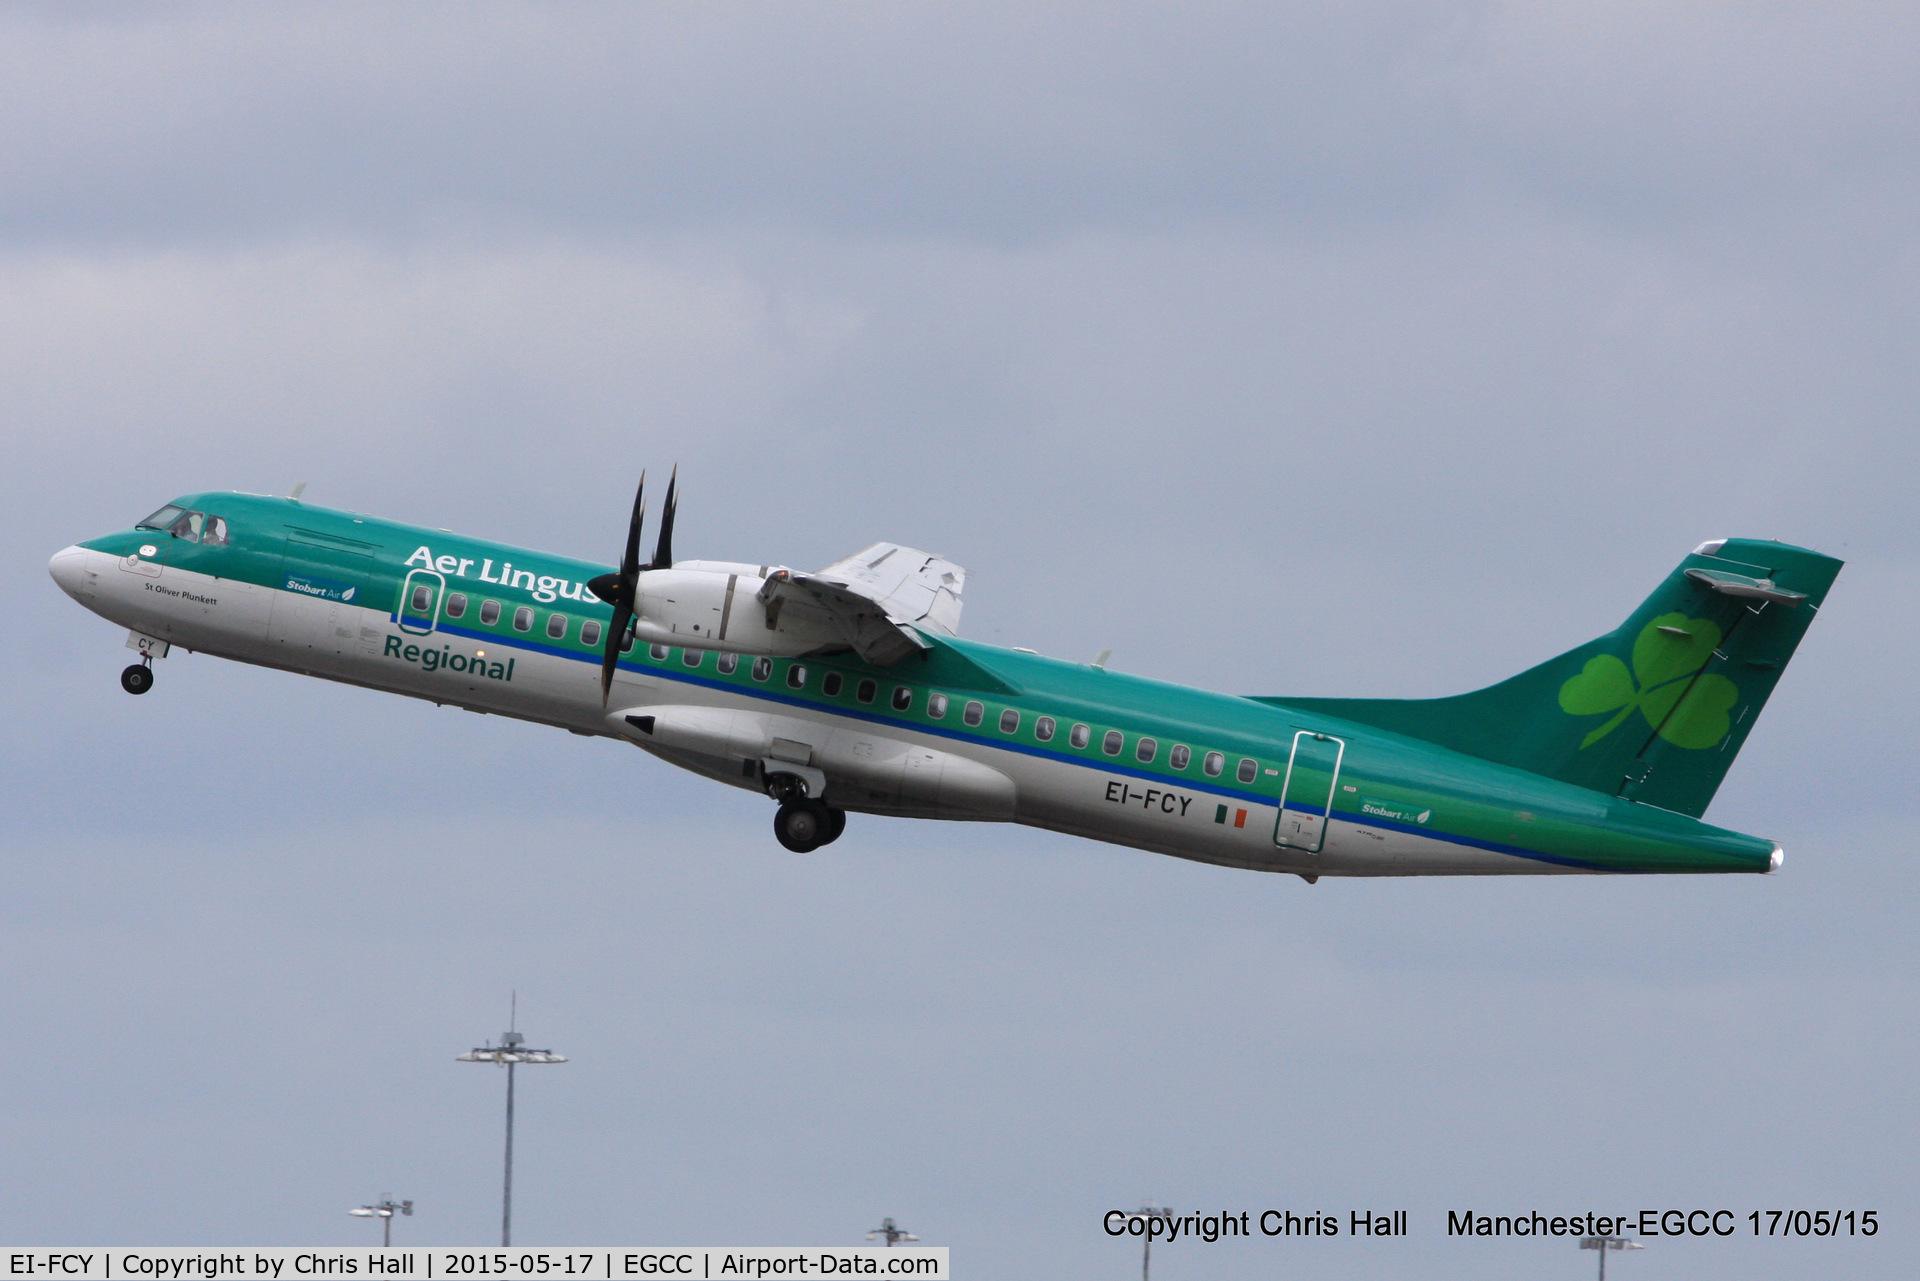 EI-FCY, 2014 ATR 72-600 C/N 1139, Aer Lingus Regional